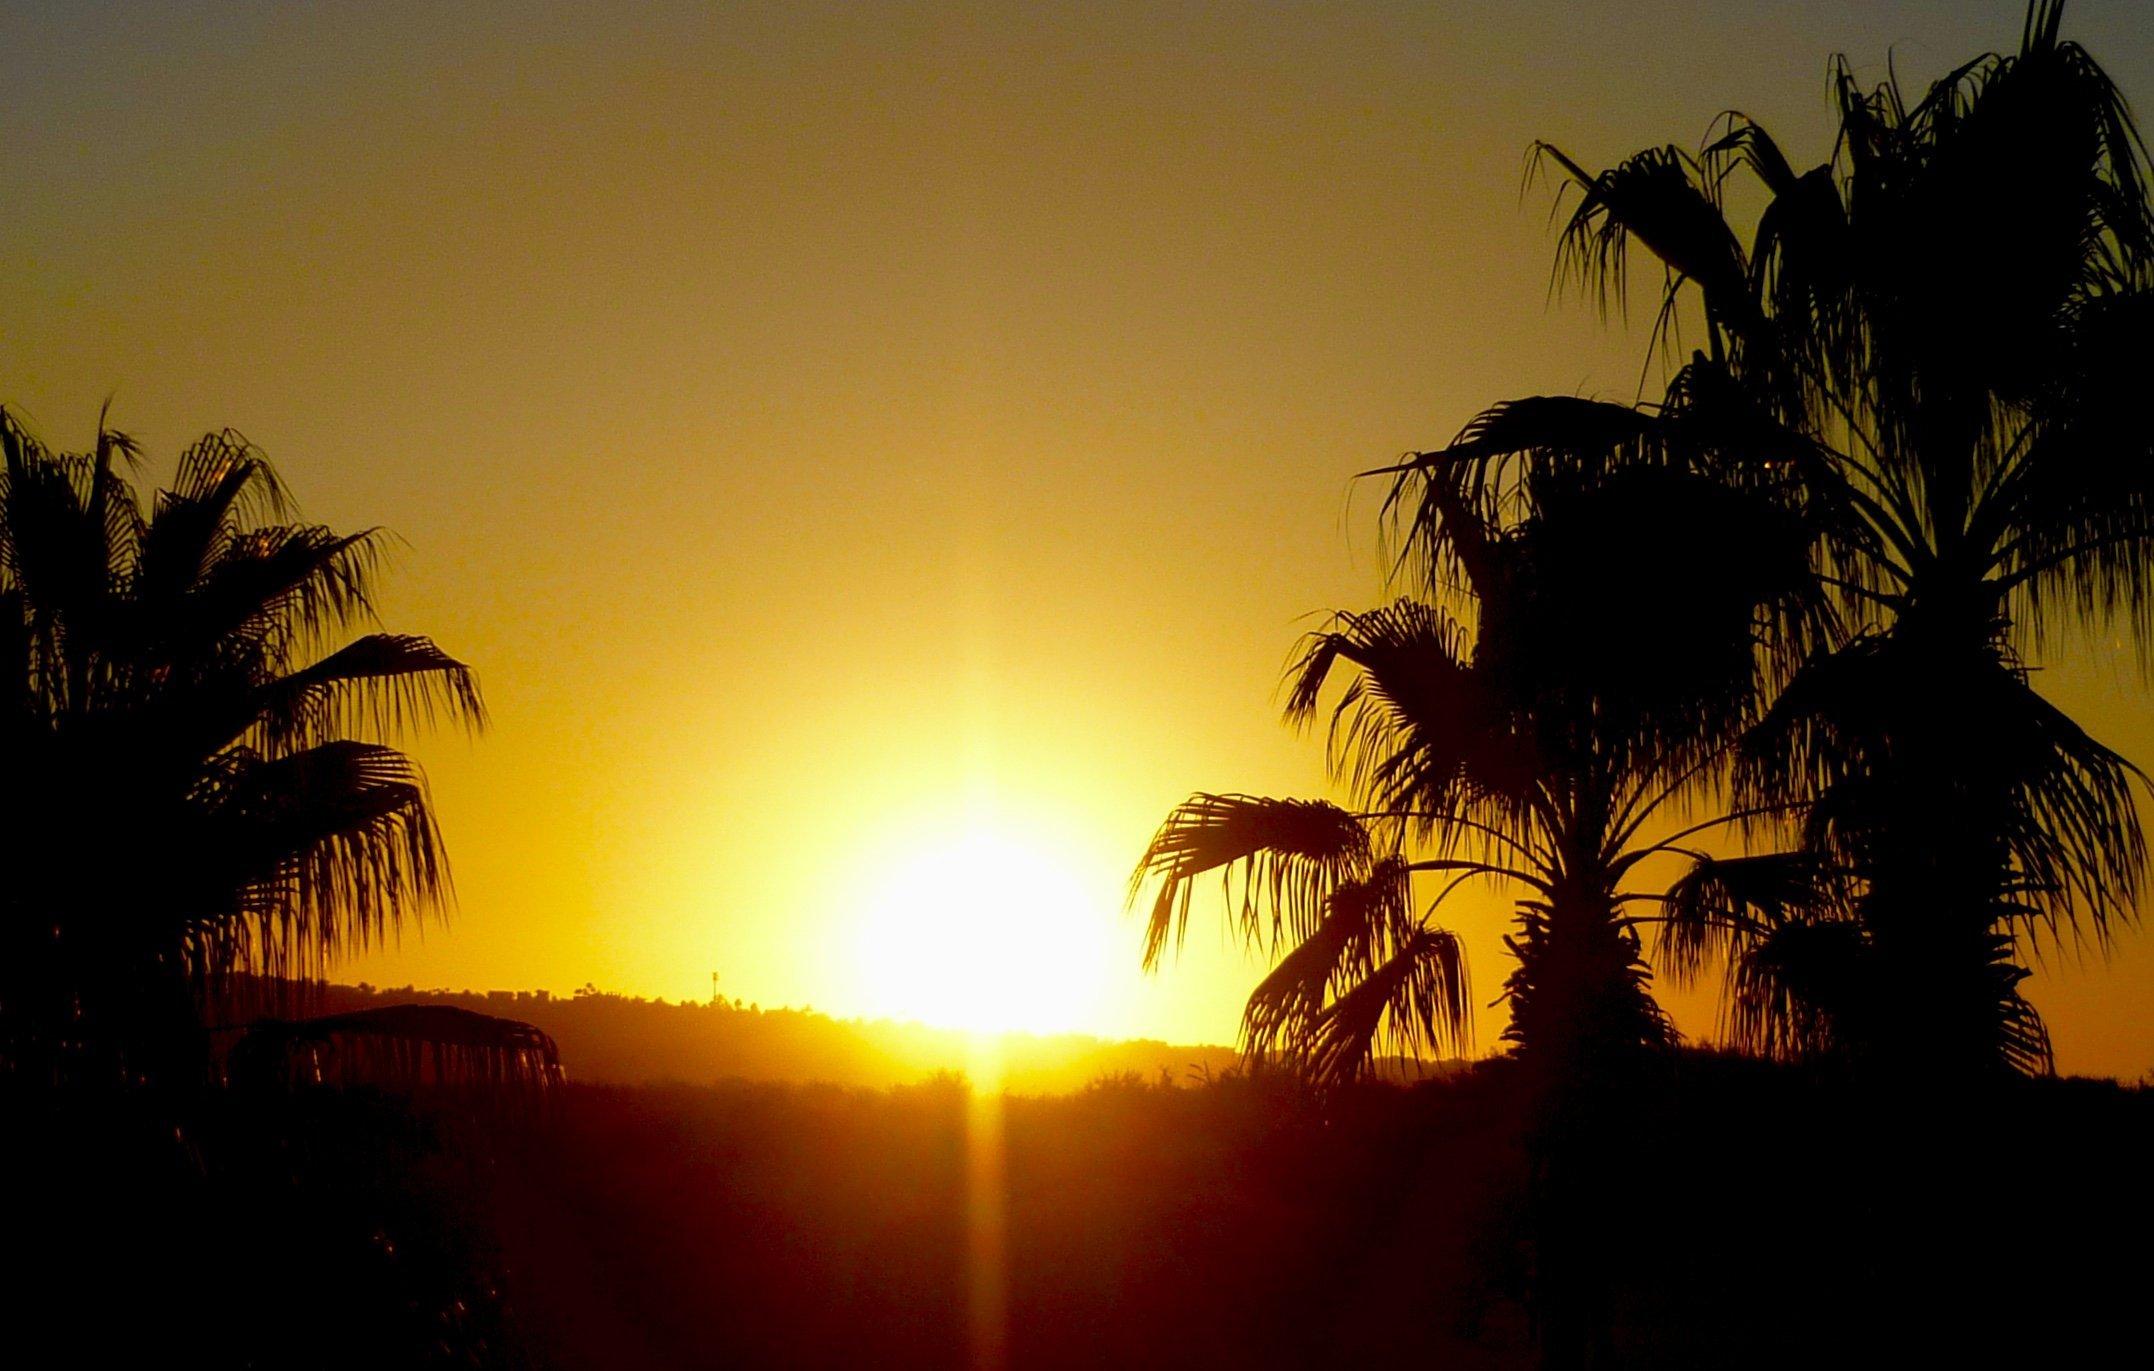 SUN-shiny Day